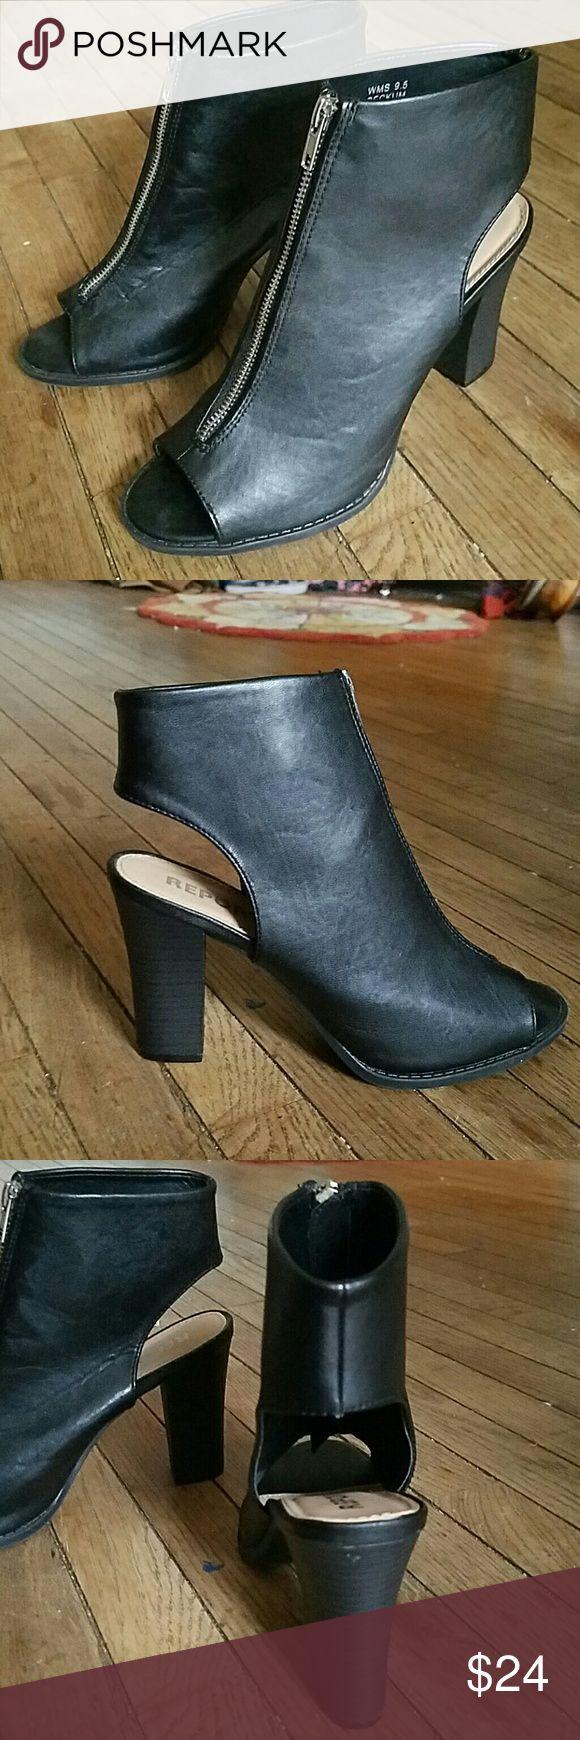 Black zip up booties Black open toe and heel booties. Zip up front. Report Shoes Heeled Boots